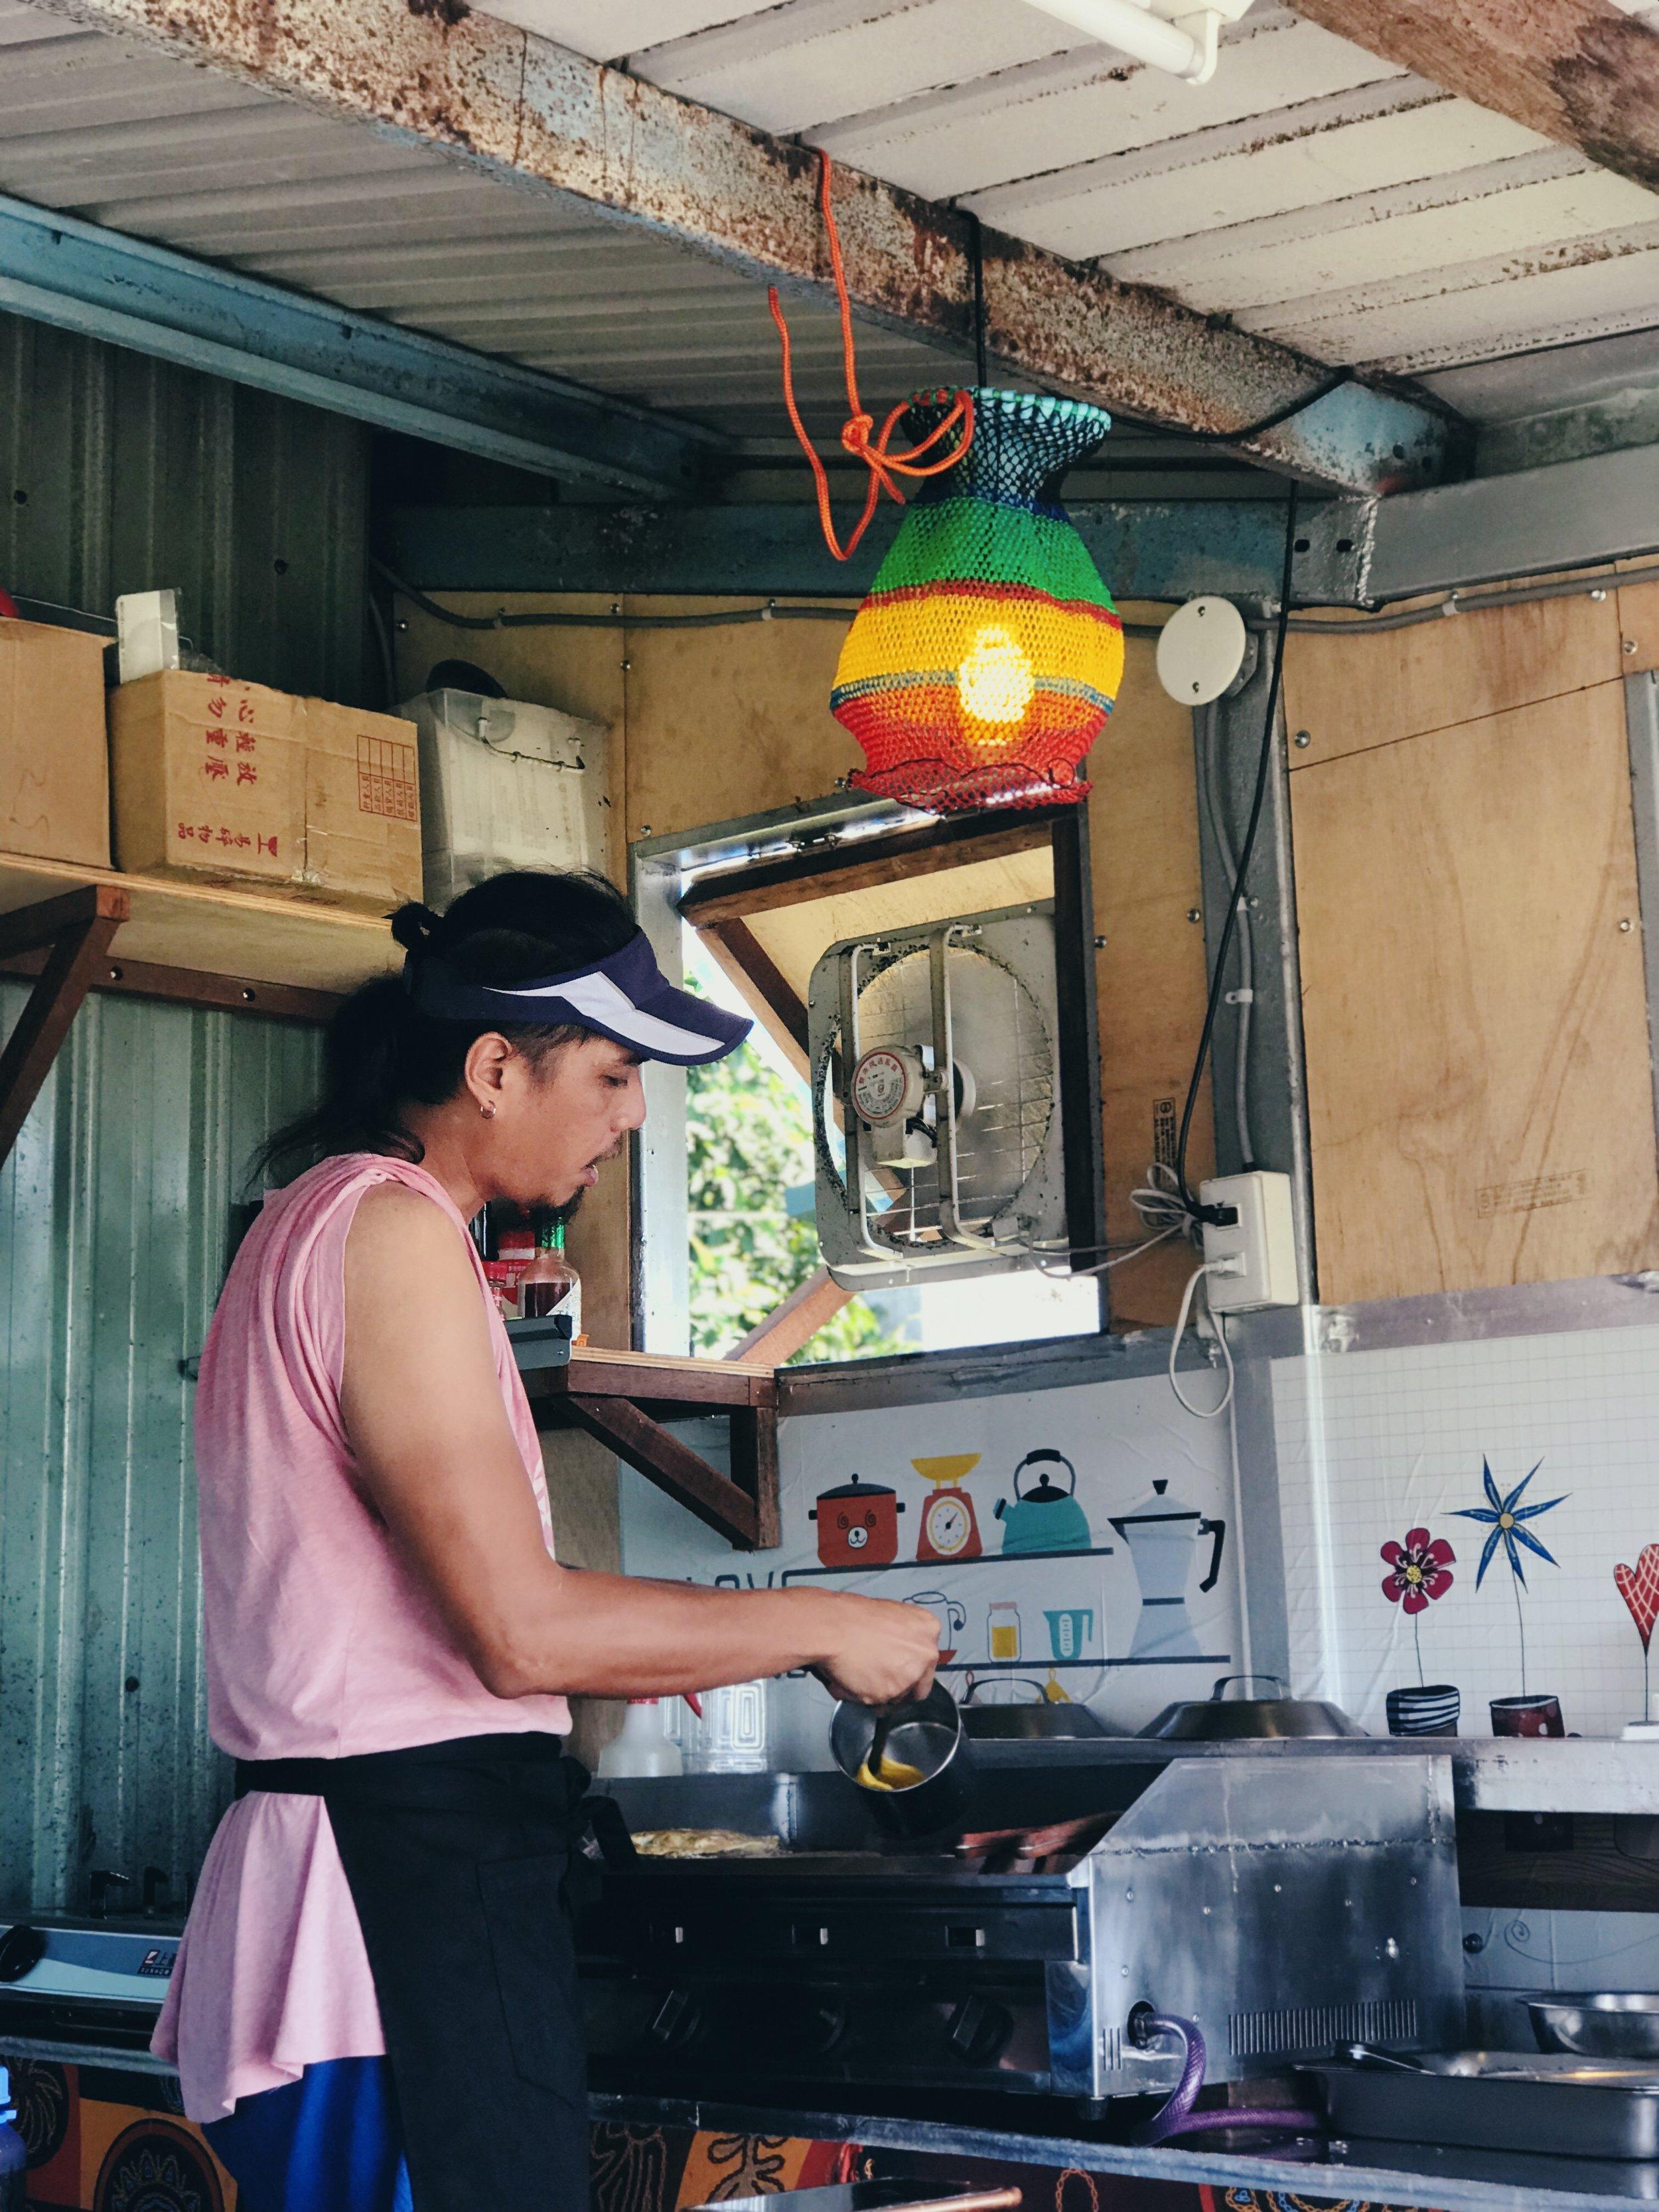 煎台上的sofok造型的燈罩